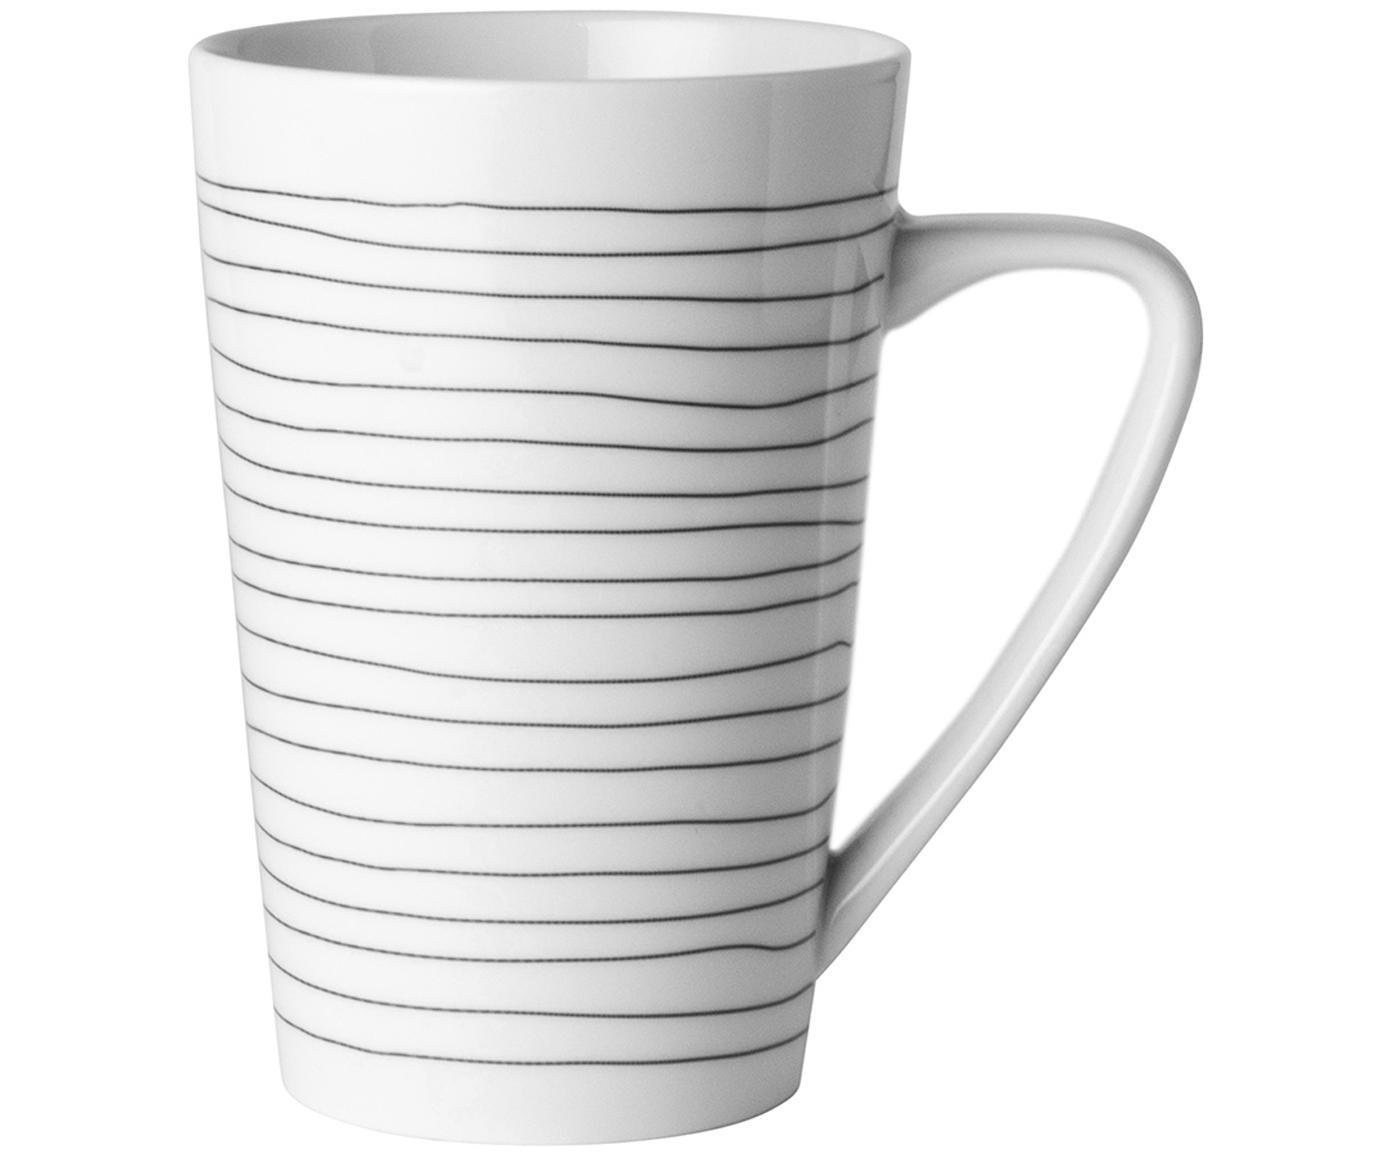 XL-Tassen Eris Loft, 4 stuks, Porselein, Wit, zwart, Ø 9 x H 13 cm